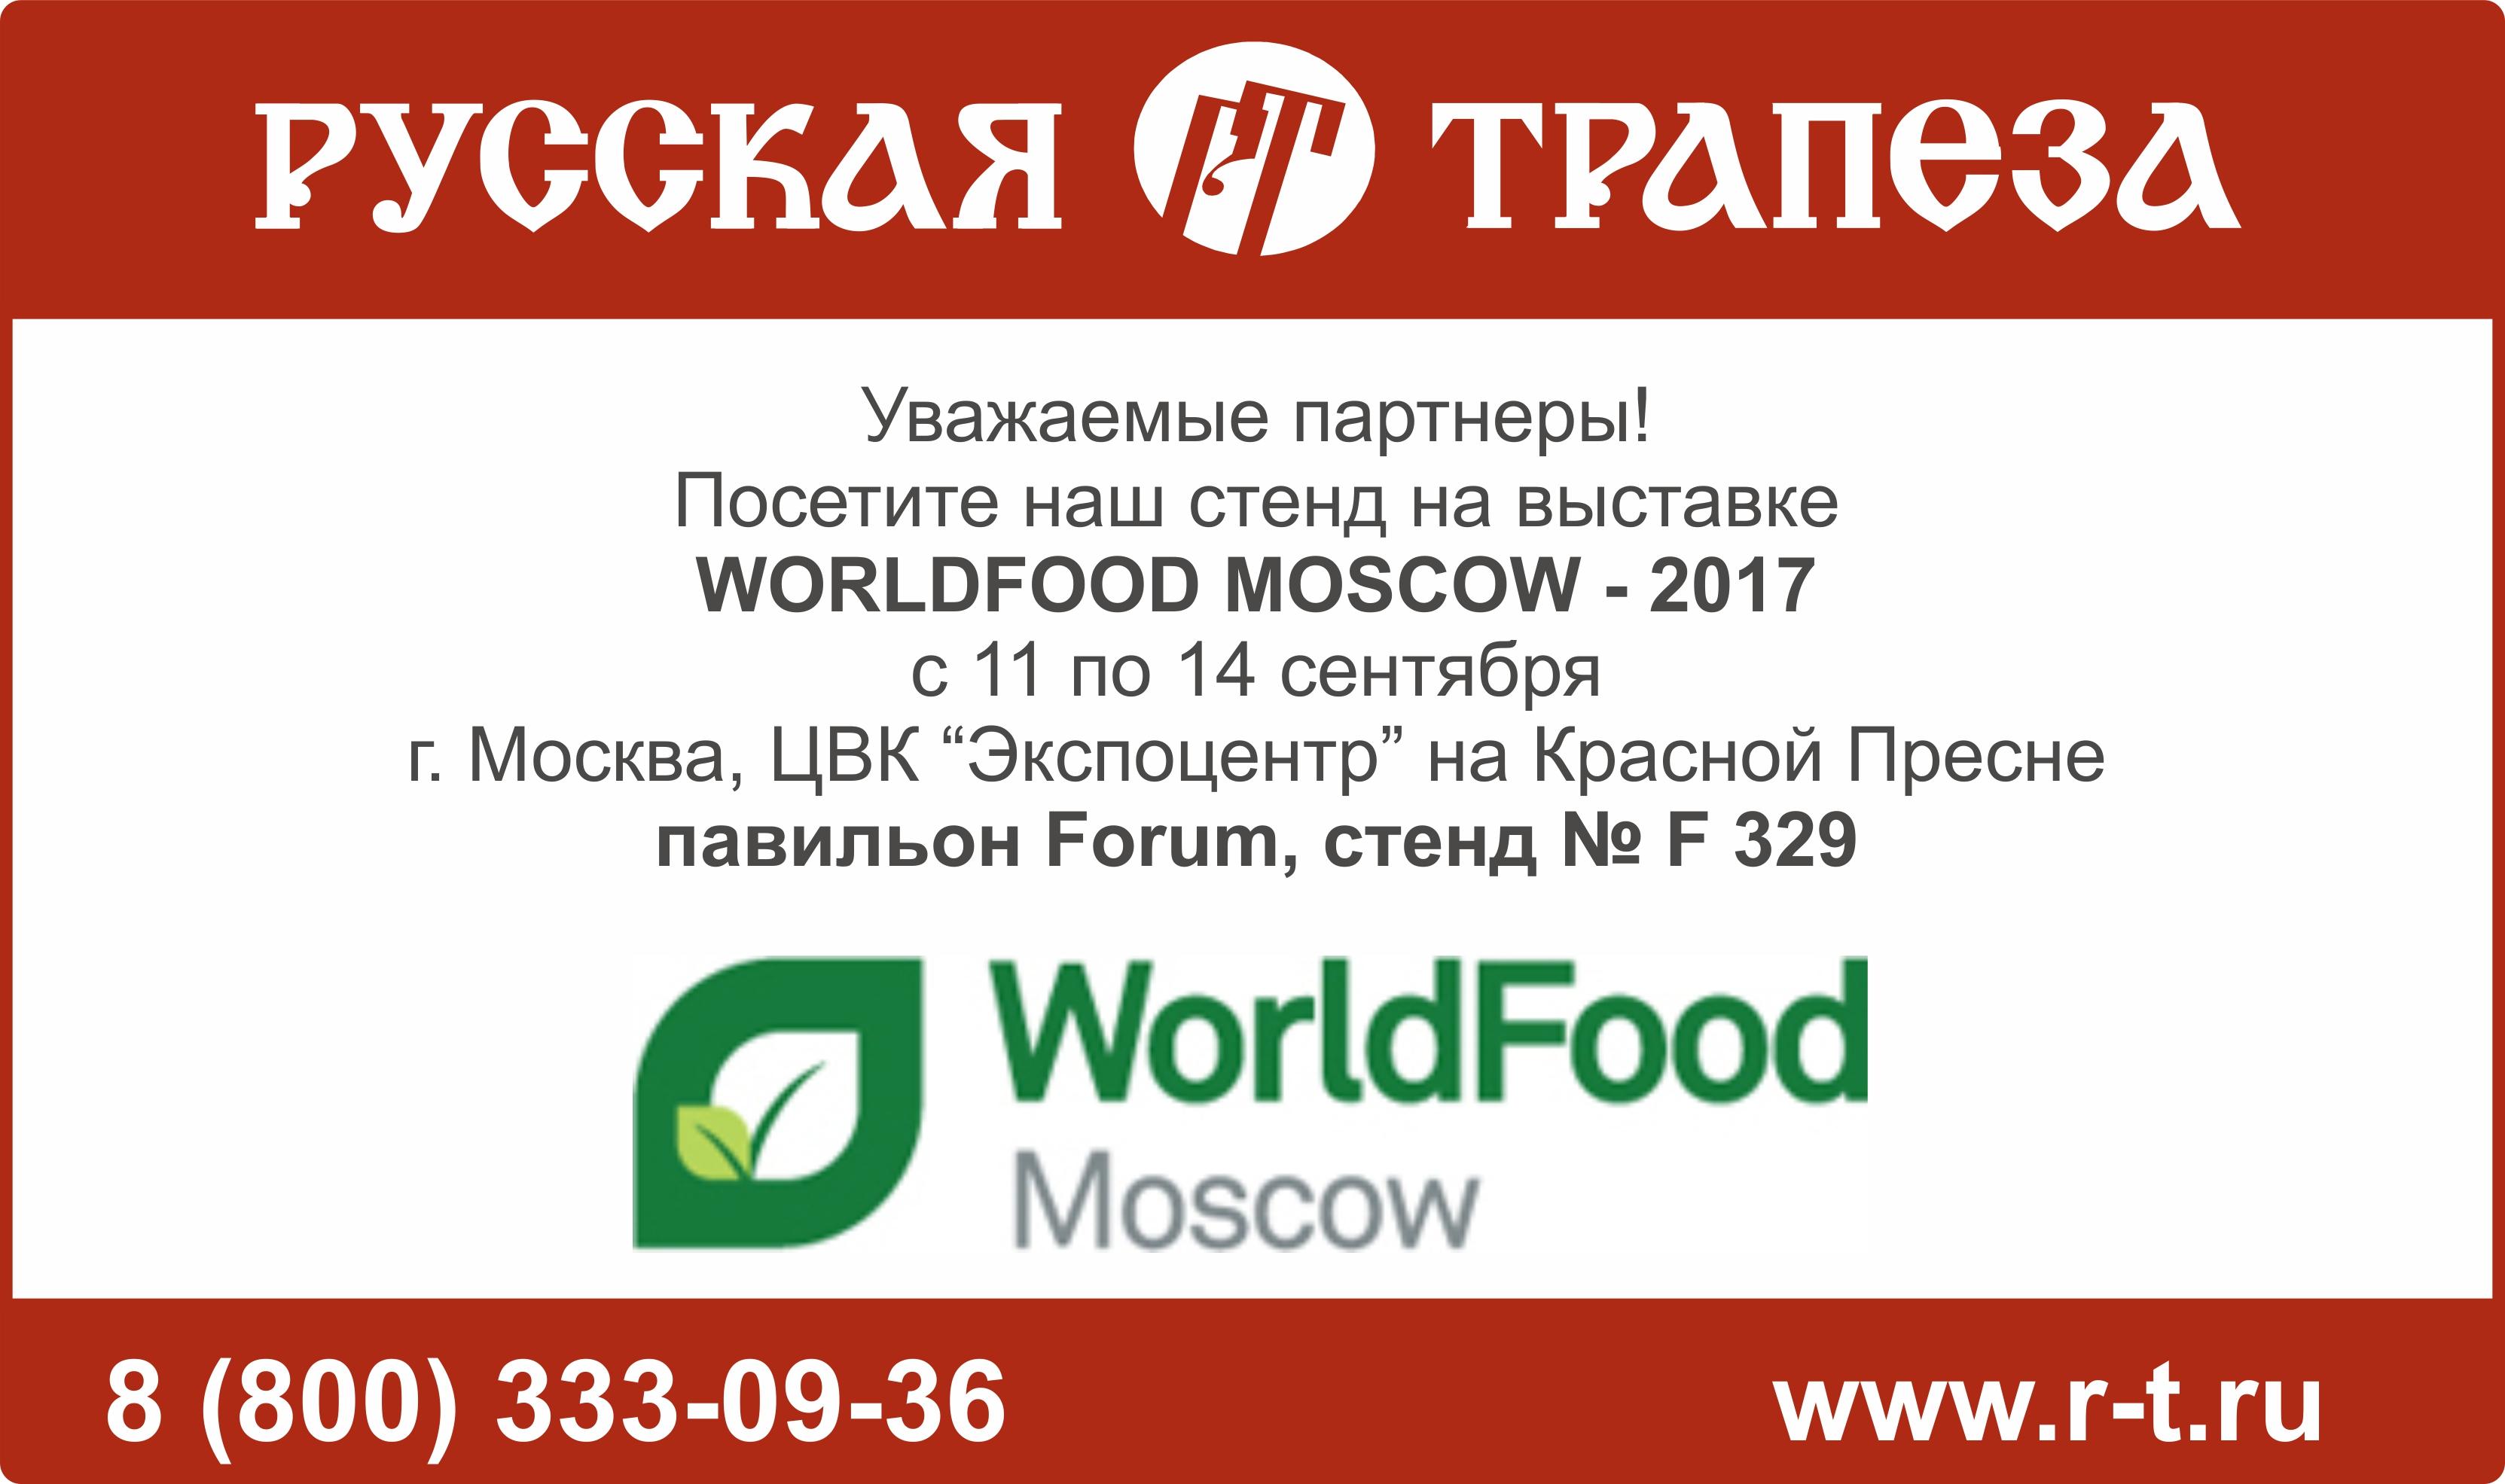 Приглашние на выставку WorldFood Moscow - 2017